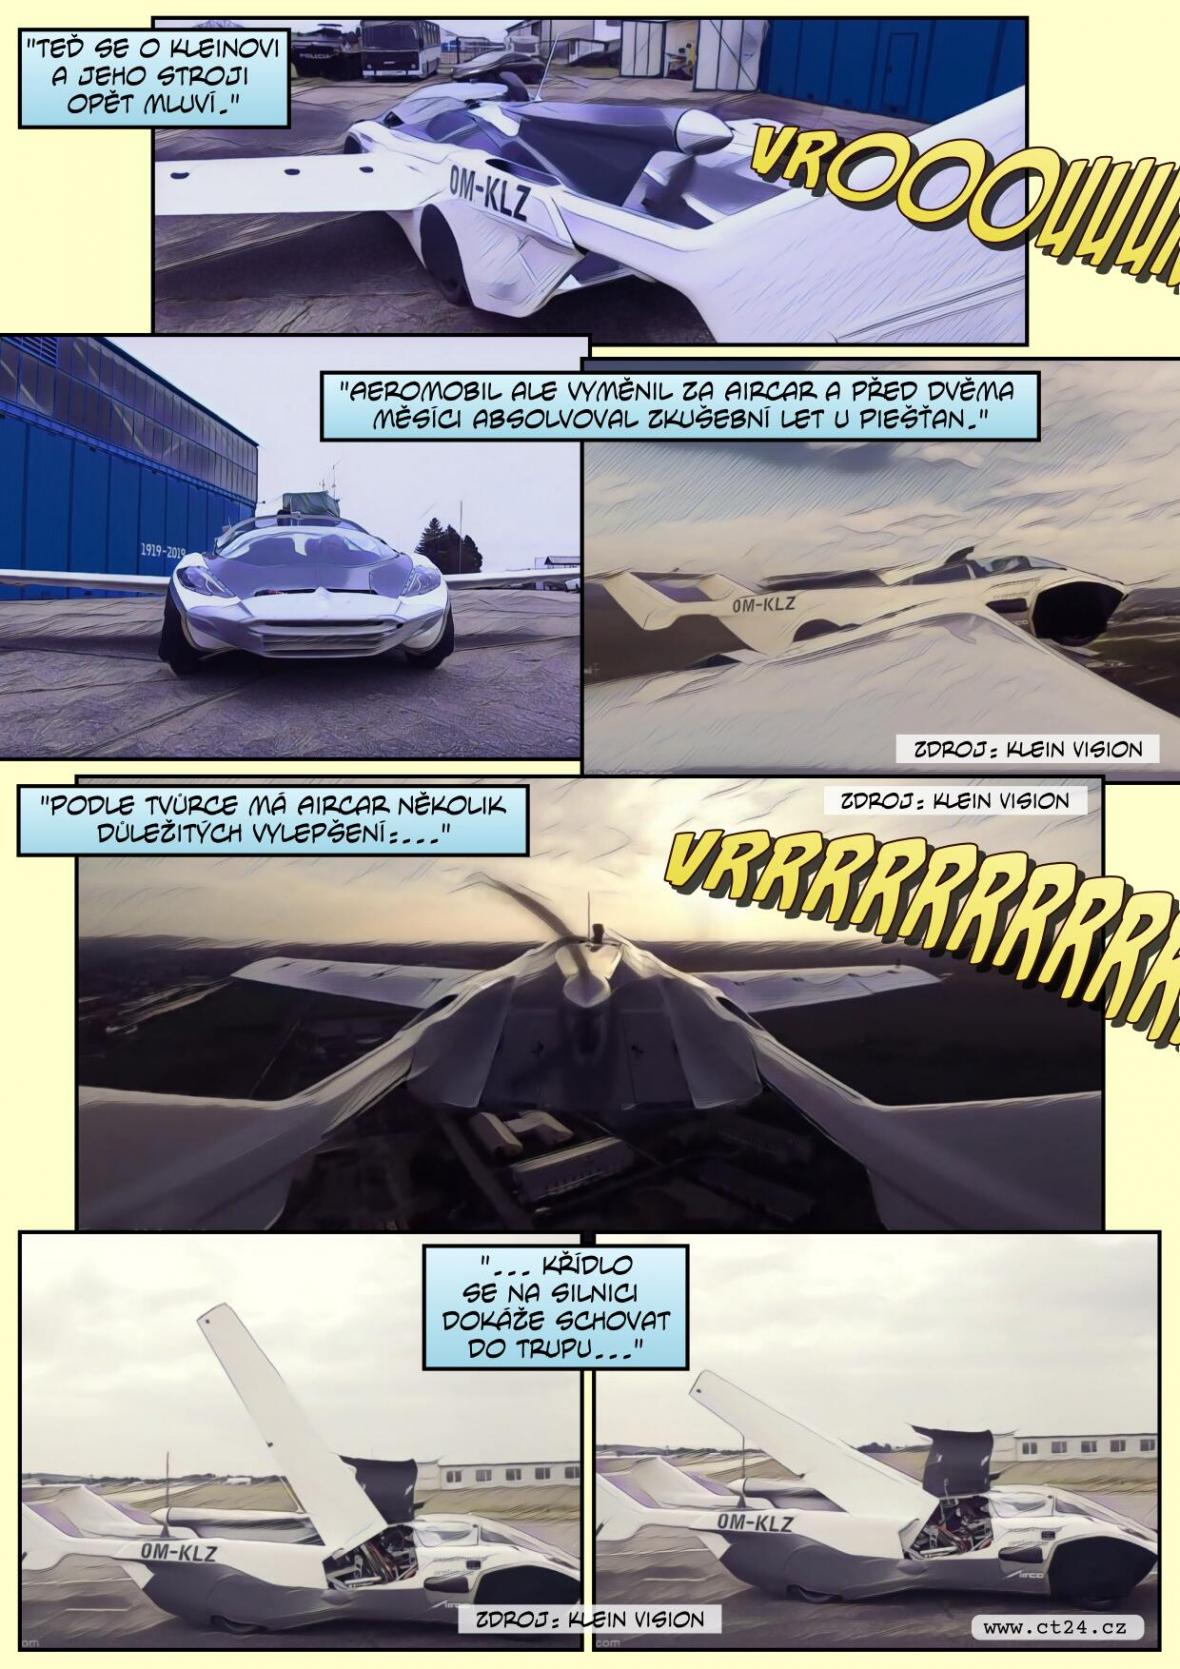 Aeromobil nebo-li létající auto je slovenský vynález